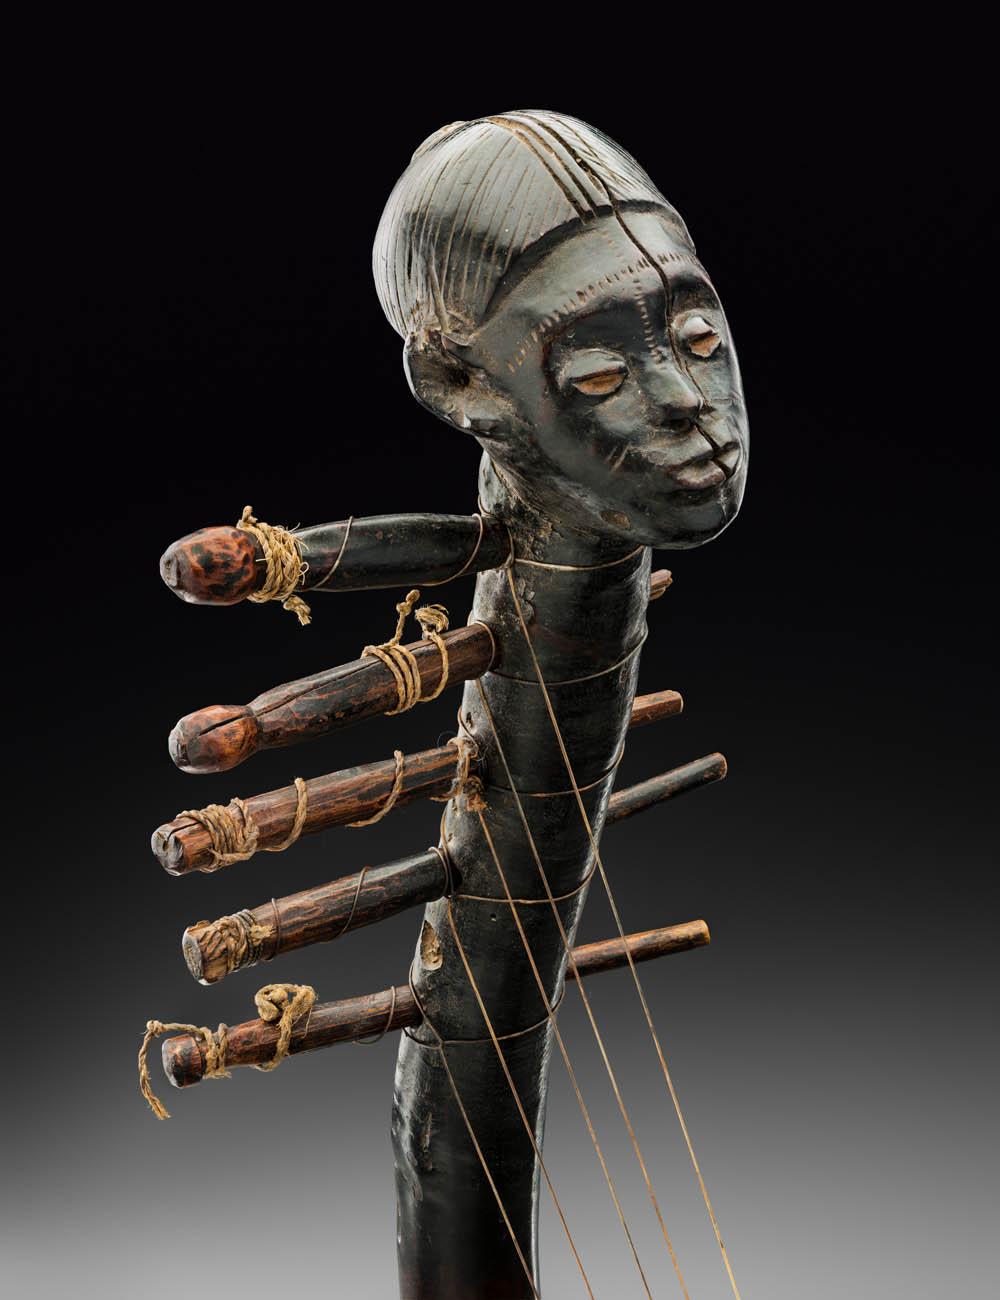 BRAFA, Claes Gallery, Zande harp, Democratic of the Congo